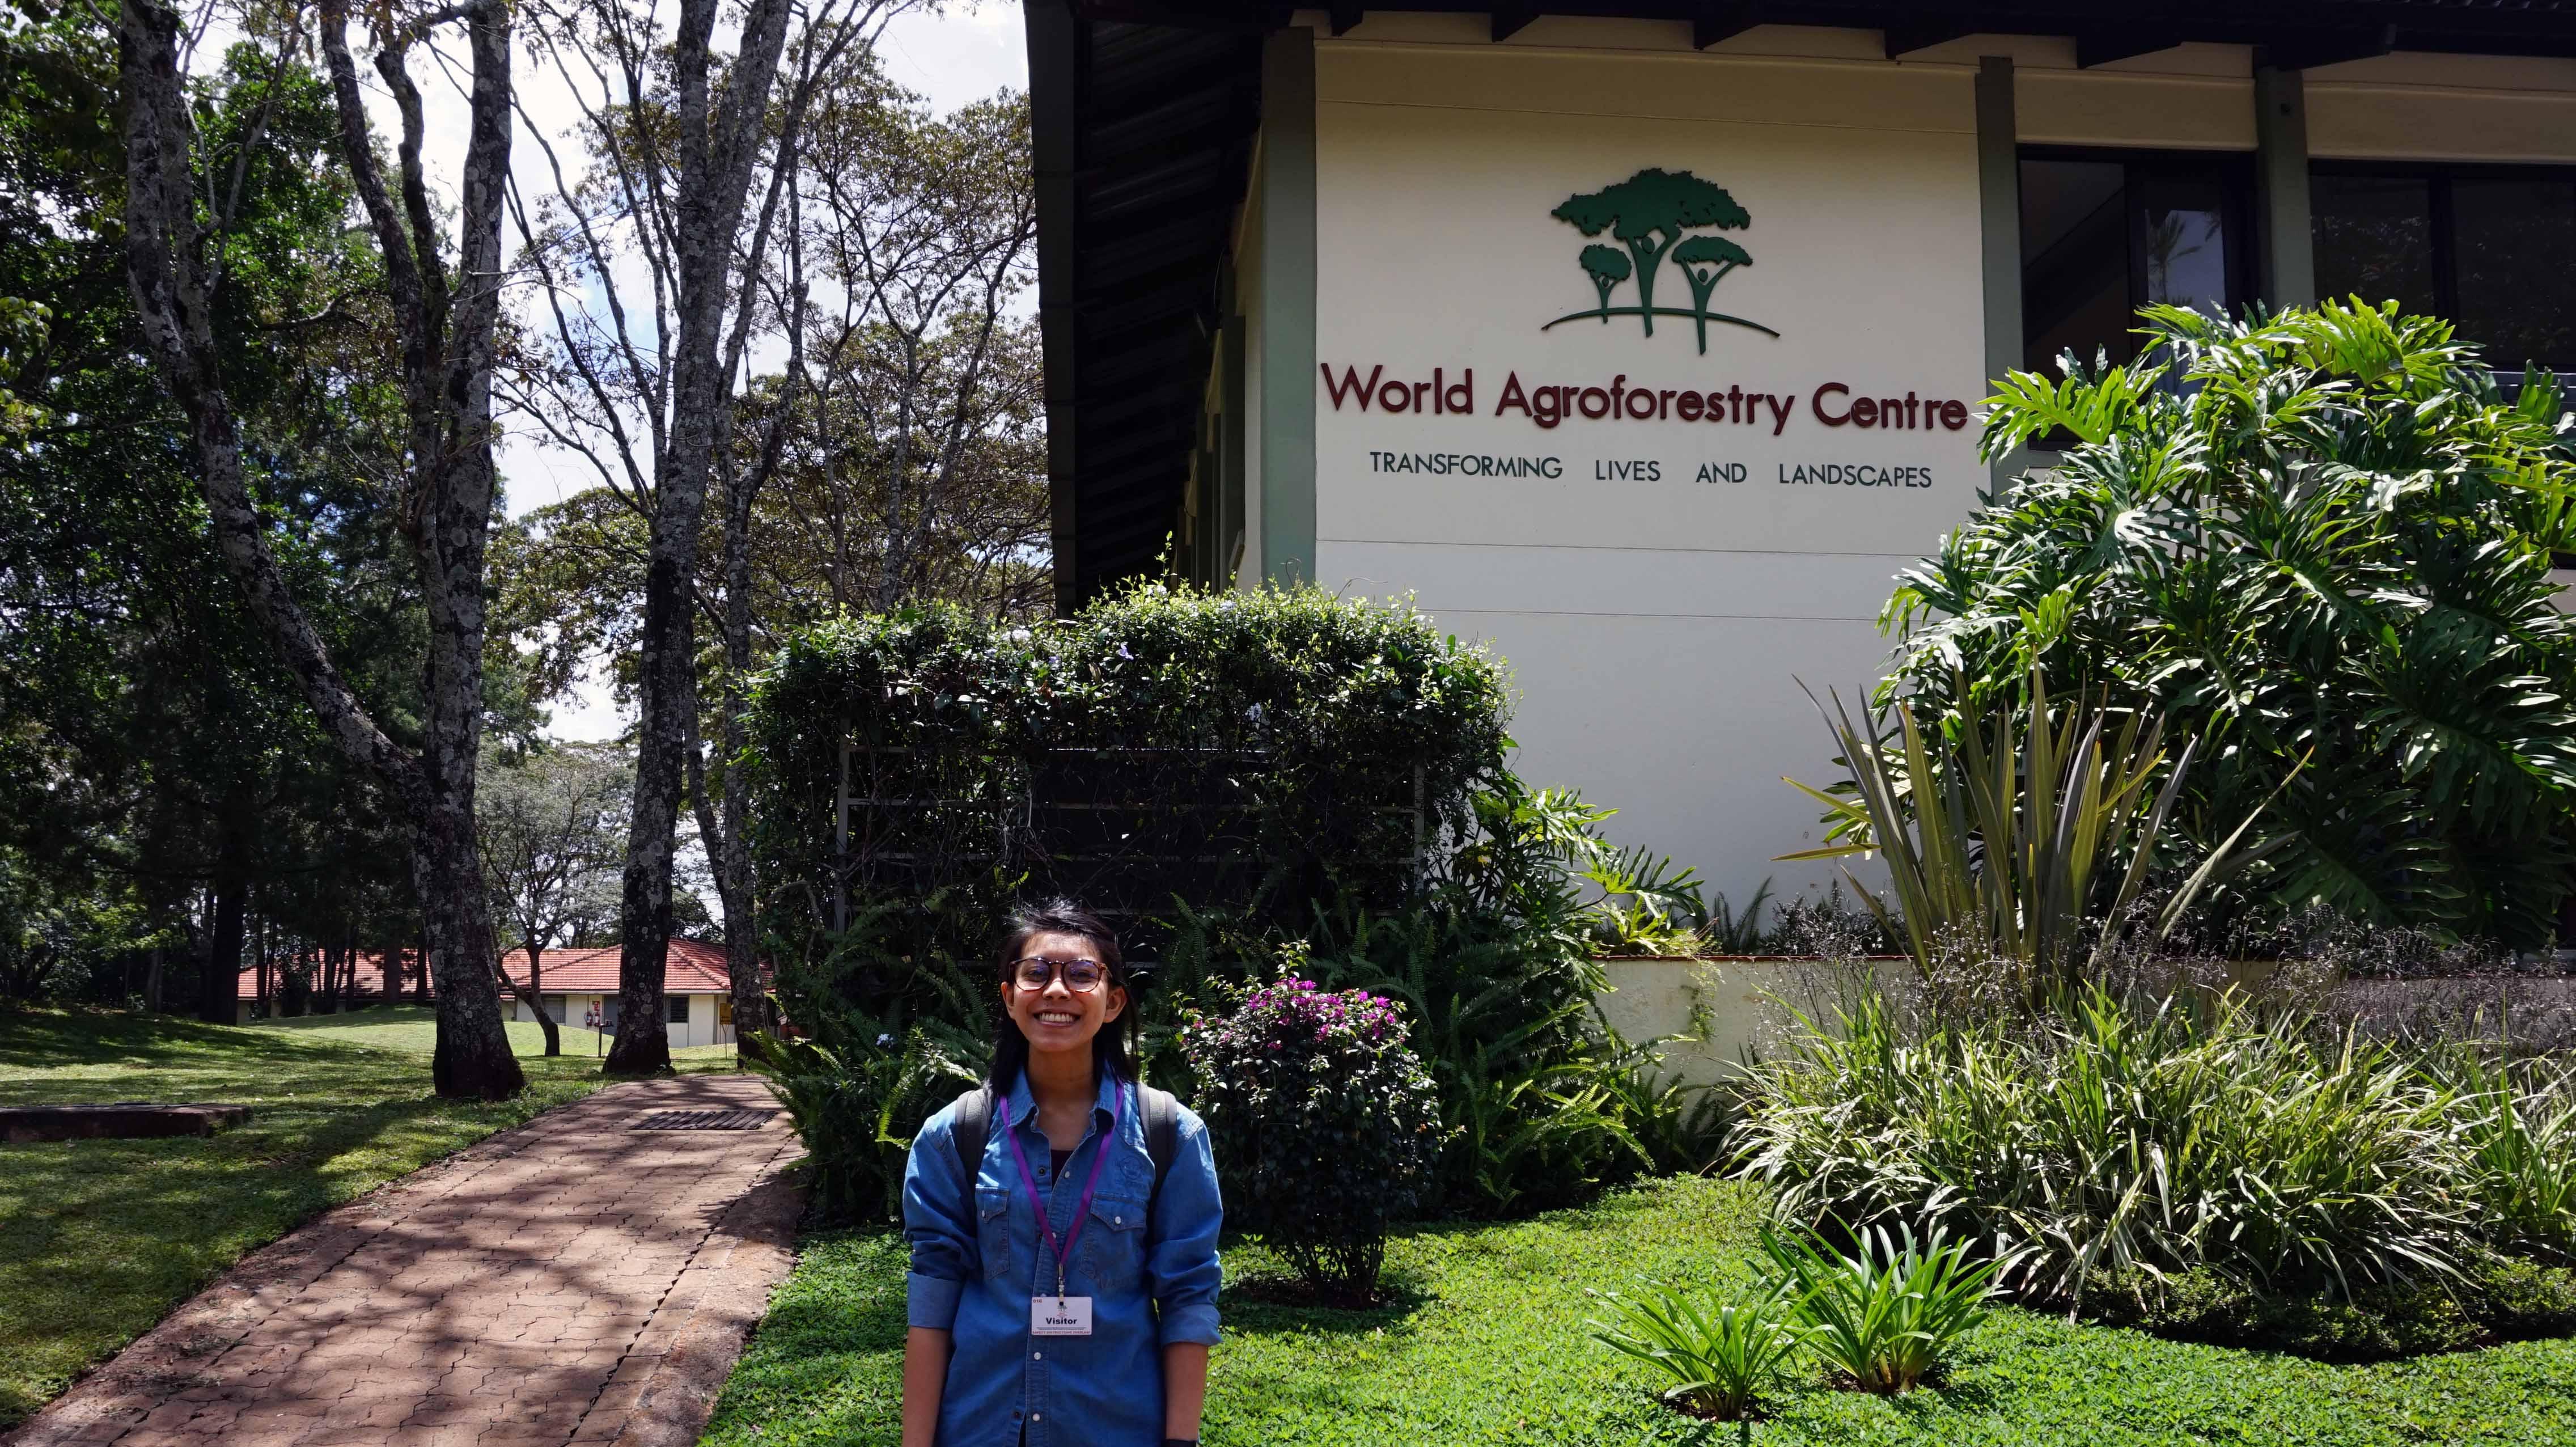 Sania mengerjakan tesis di ICRAF Kenya